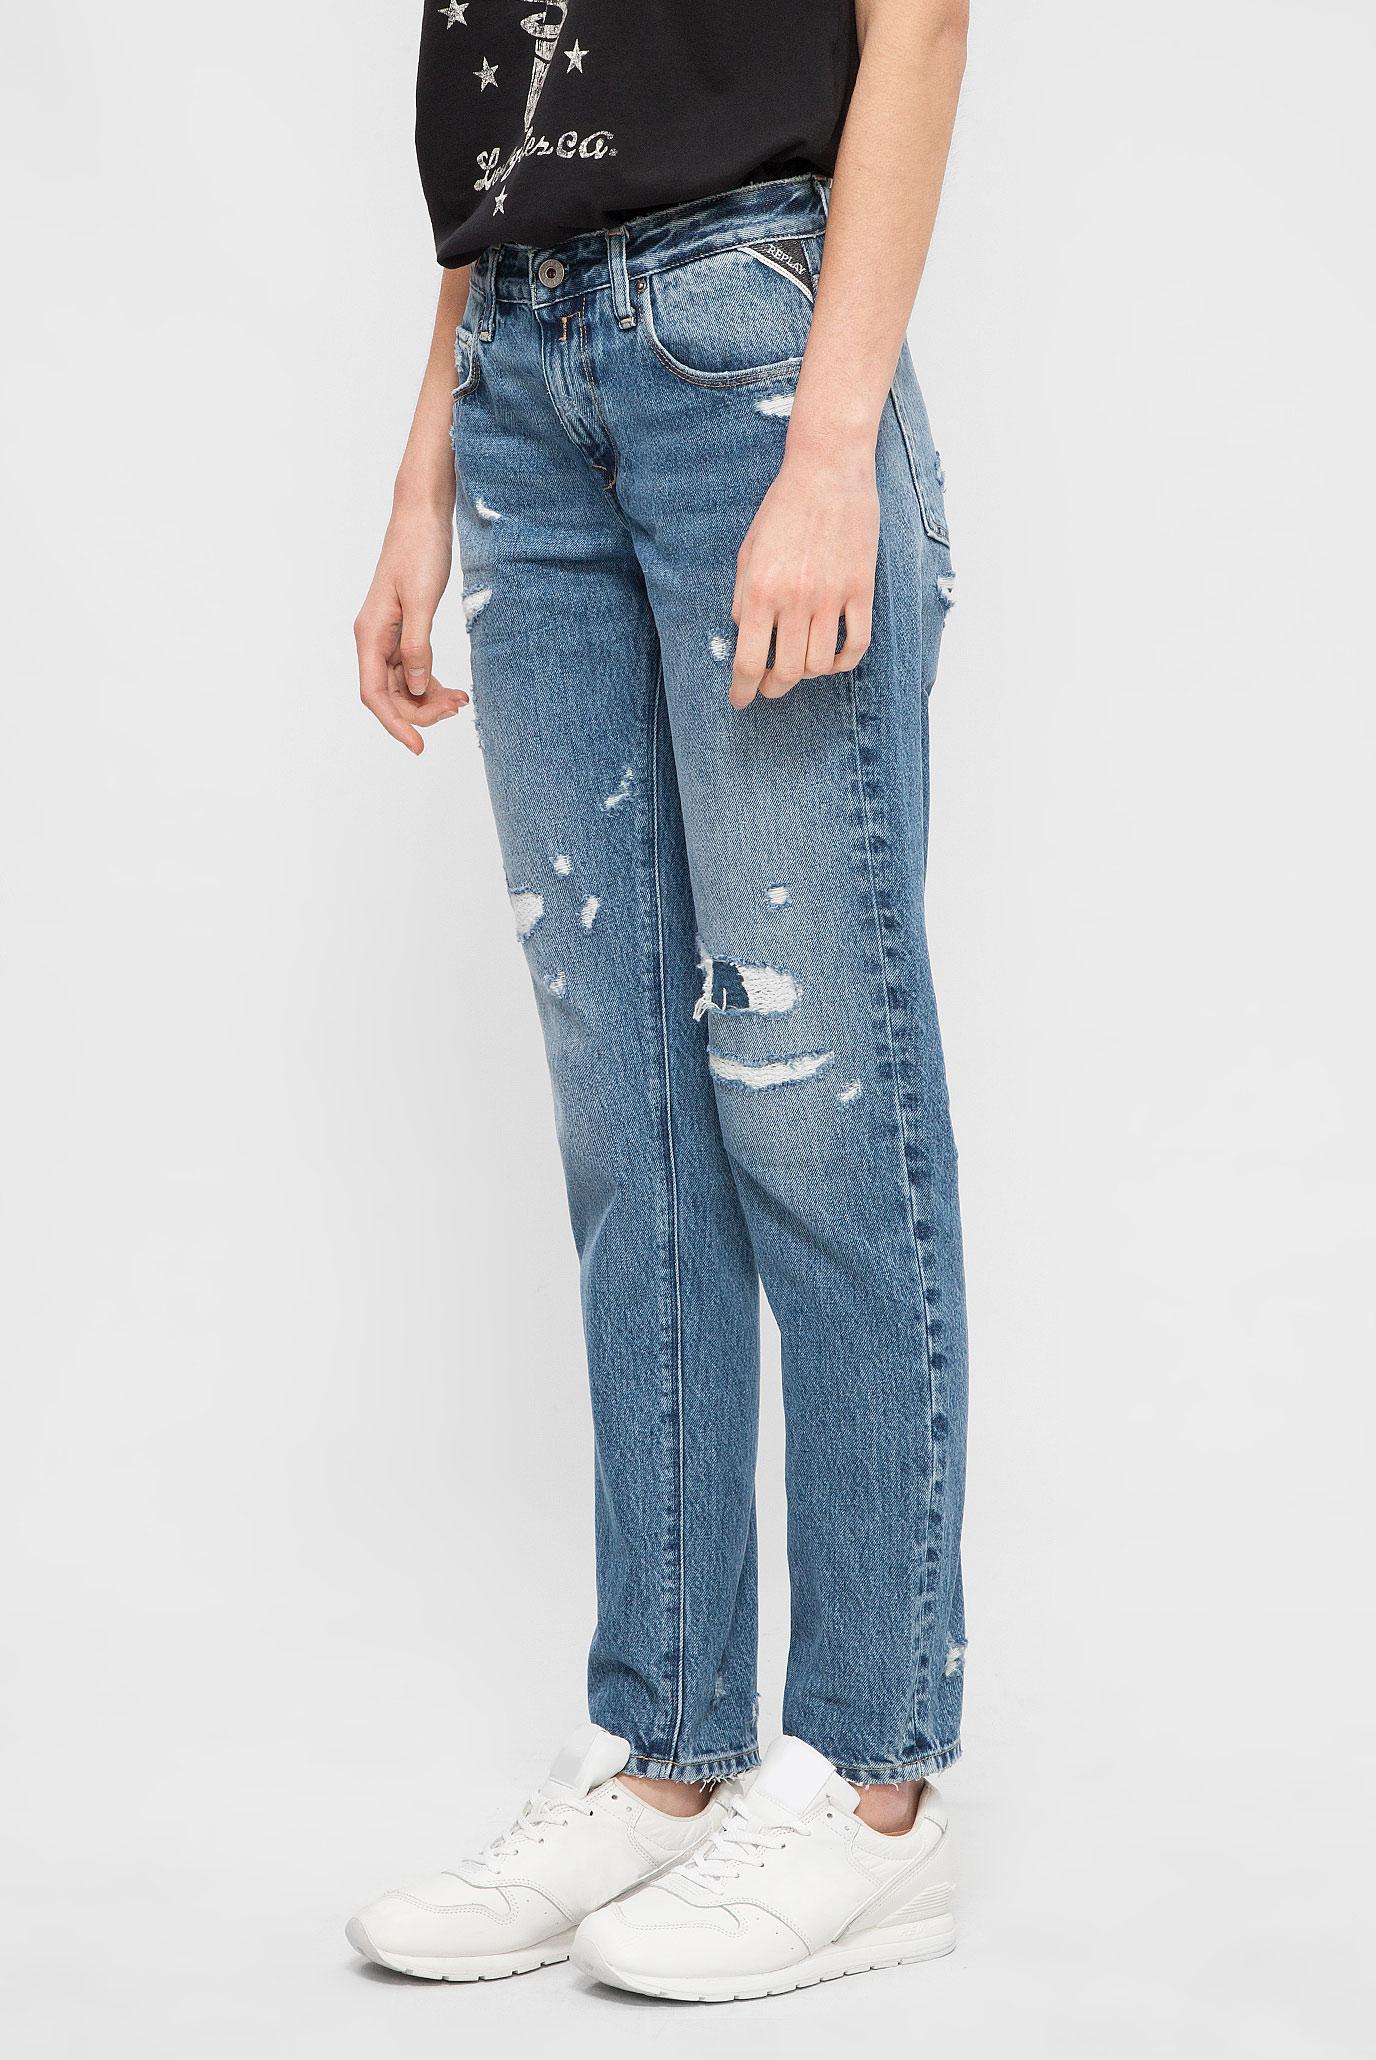 Купить Женские синие джинсы SOPHIR Replay Replay WA634 .000.36C187R – Киев, Украина. Цены в интернет магазине MD Fashion